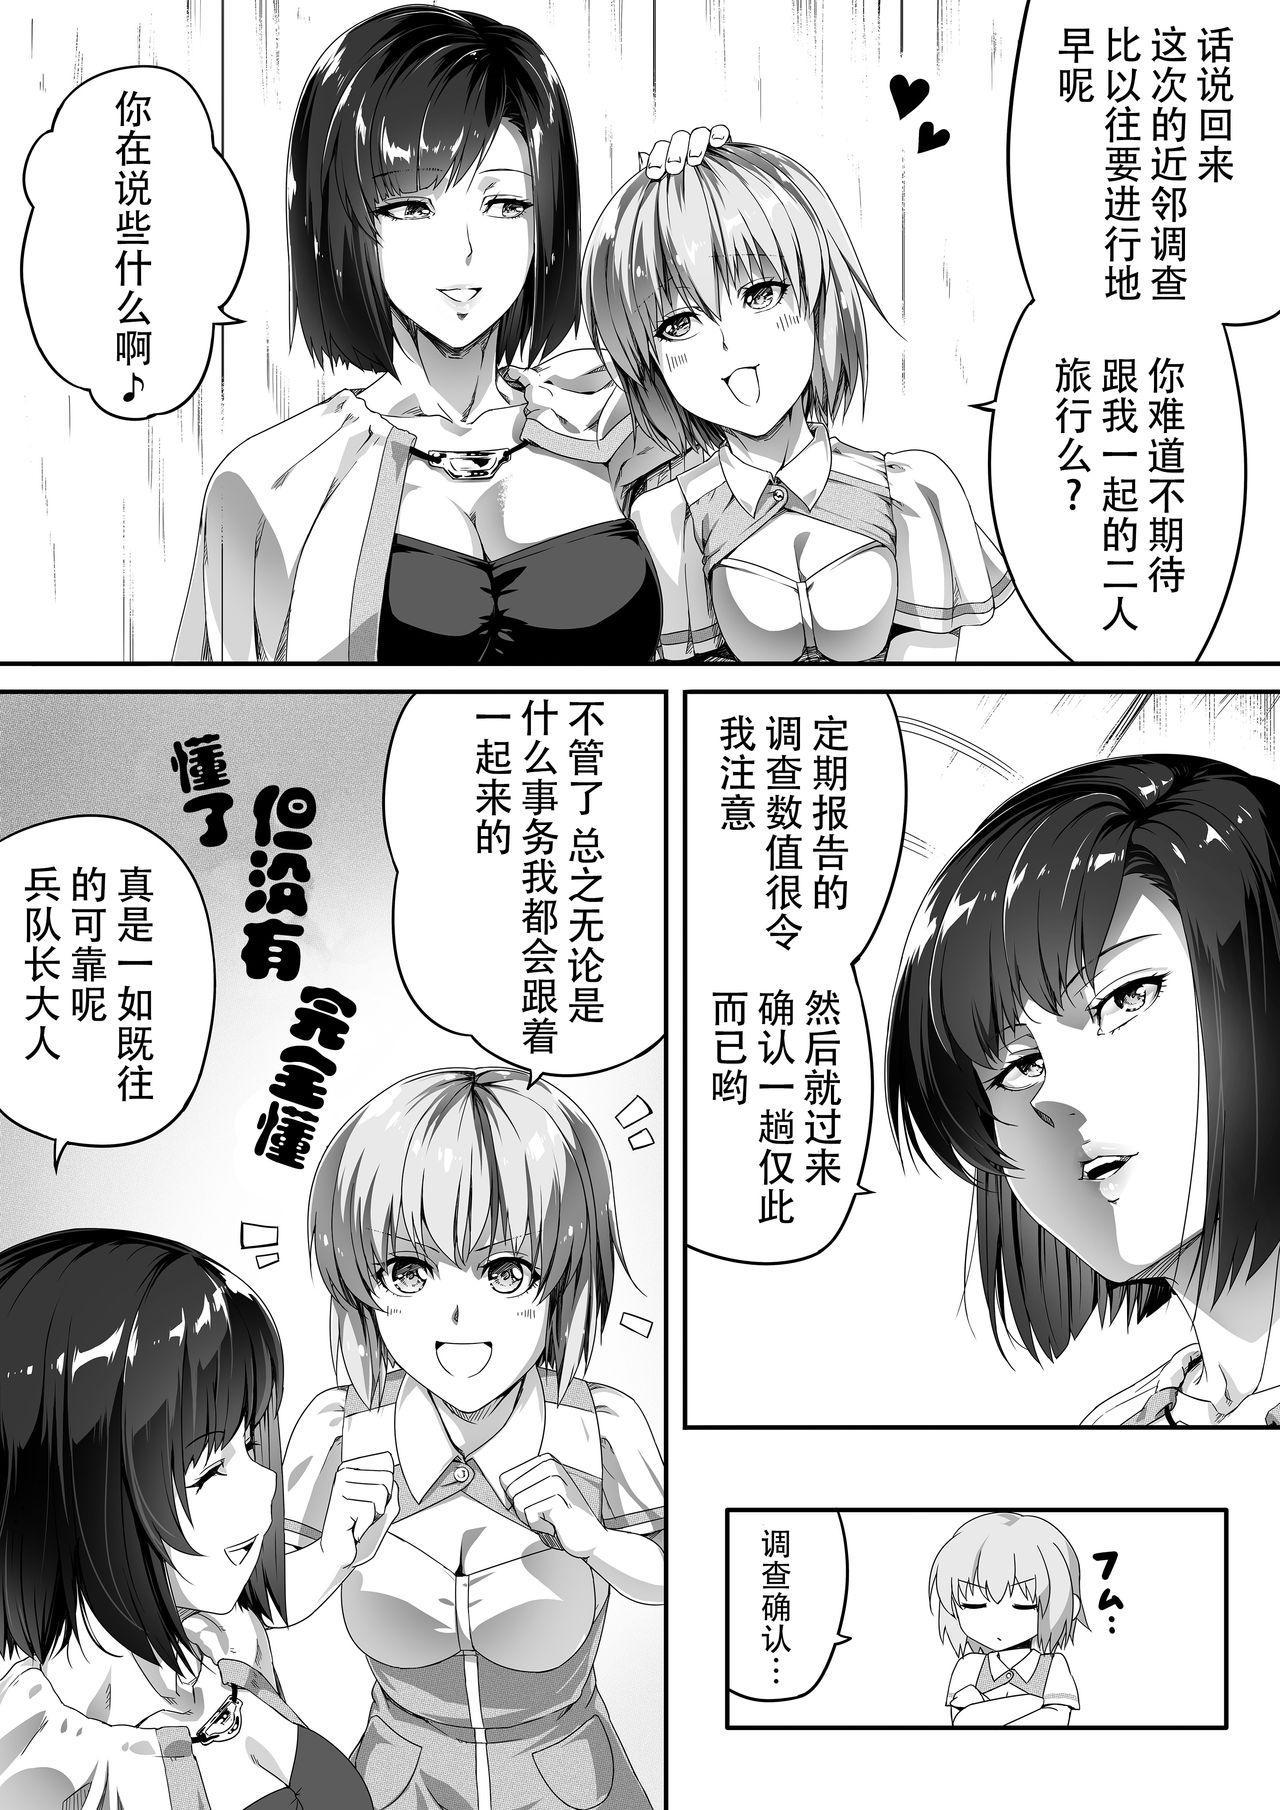 Chikara Aru Succubus wa Seiyoku o Mitashitai dake. 1 9